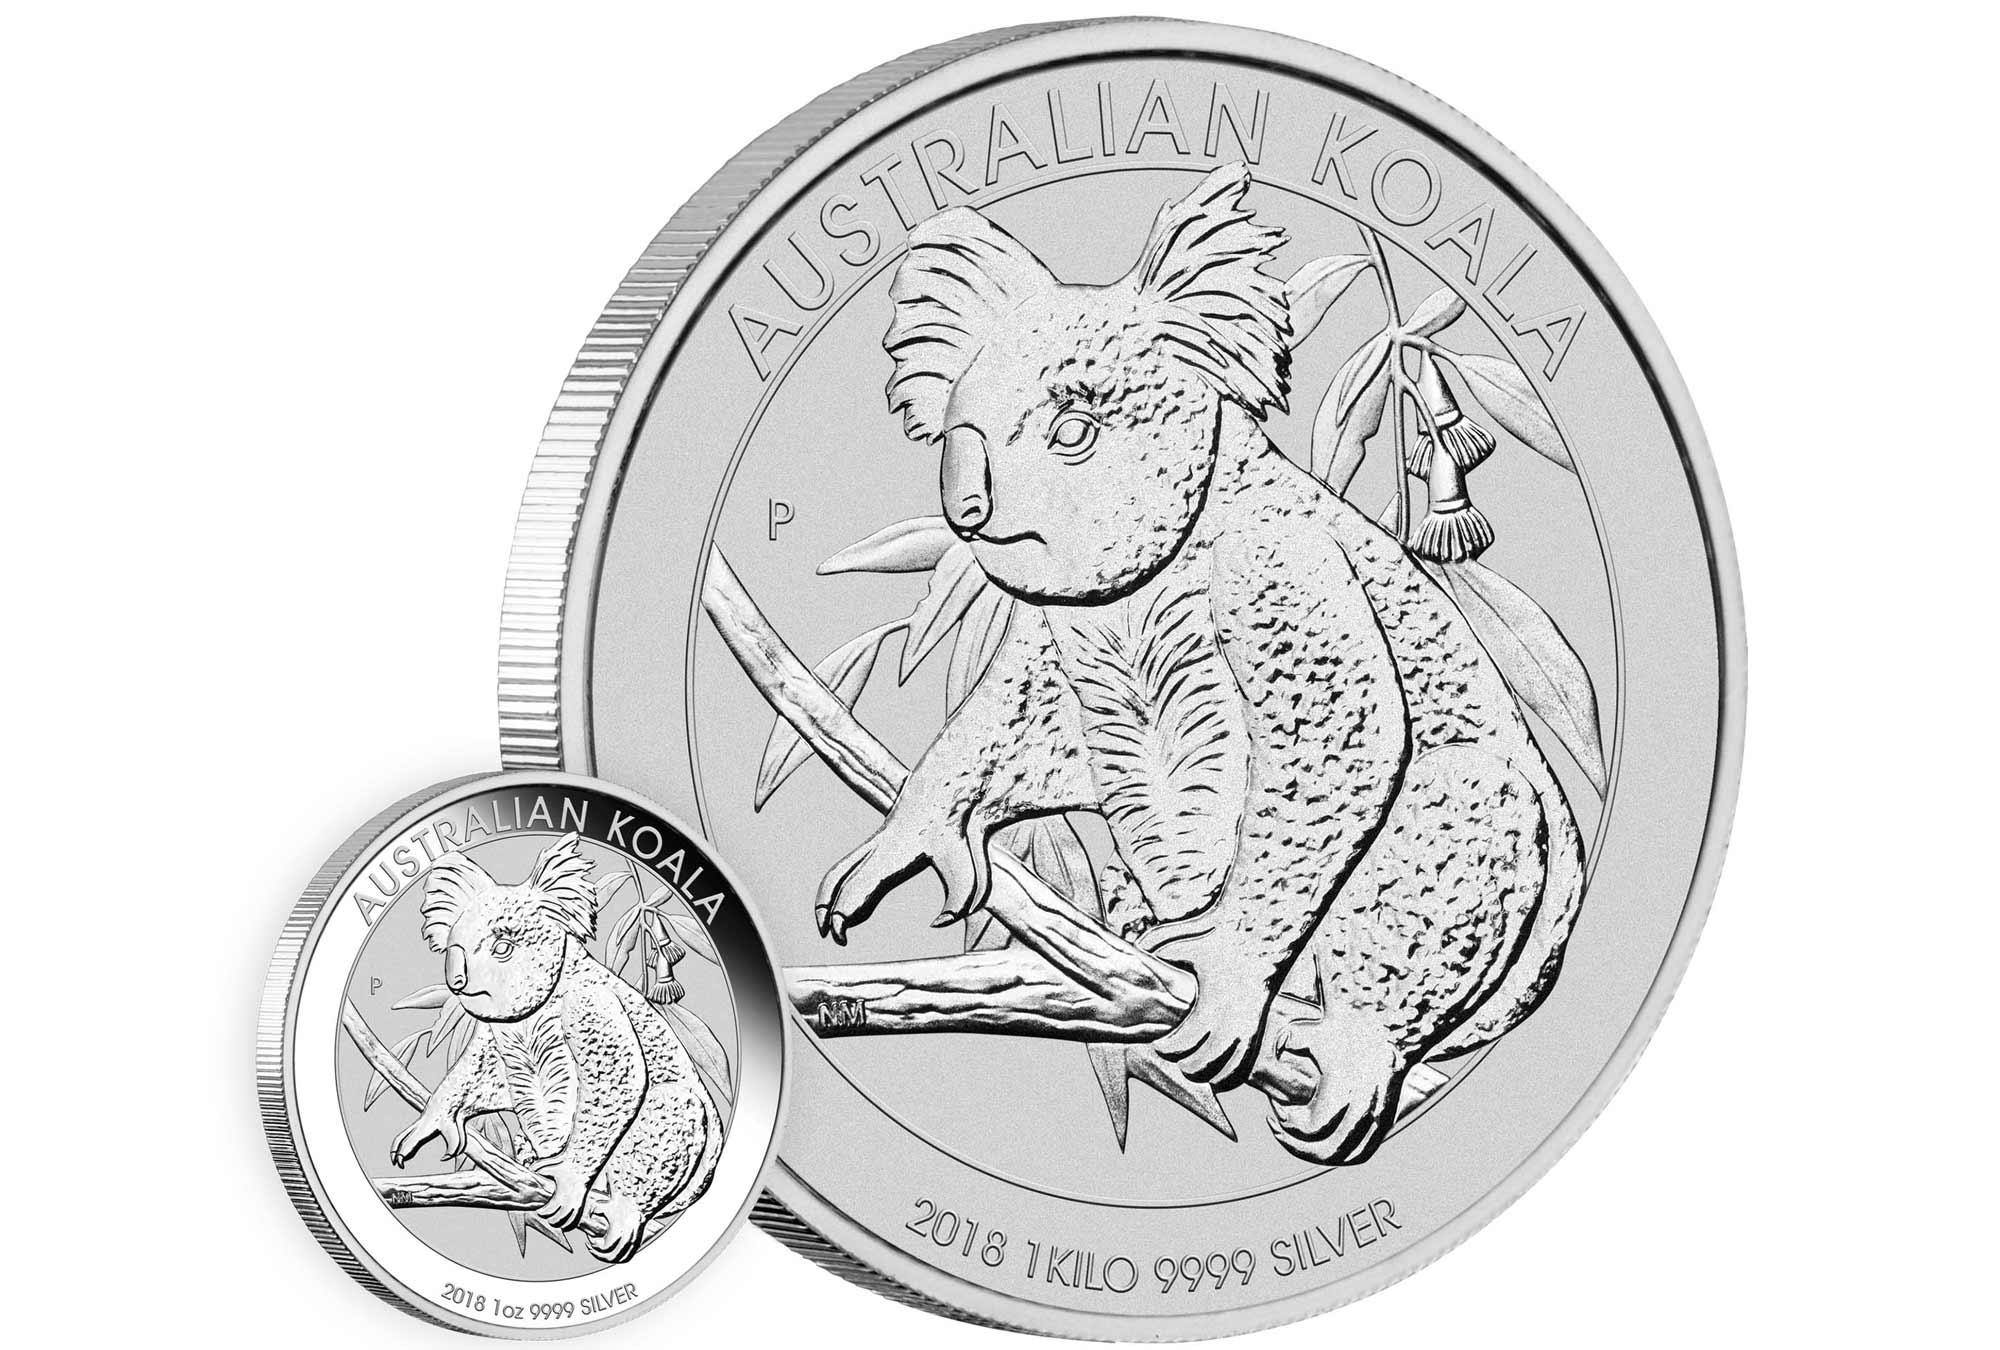 Photo des pièces d'argent Australie Koala 2018 1 once et 1 kilo